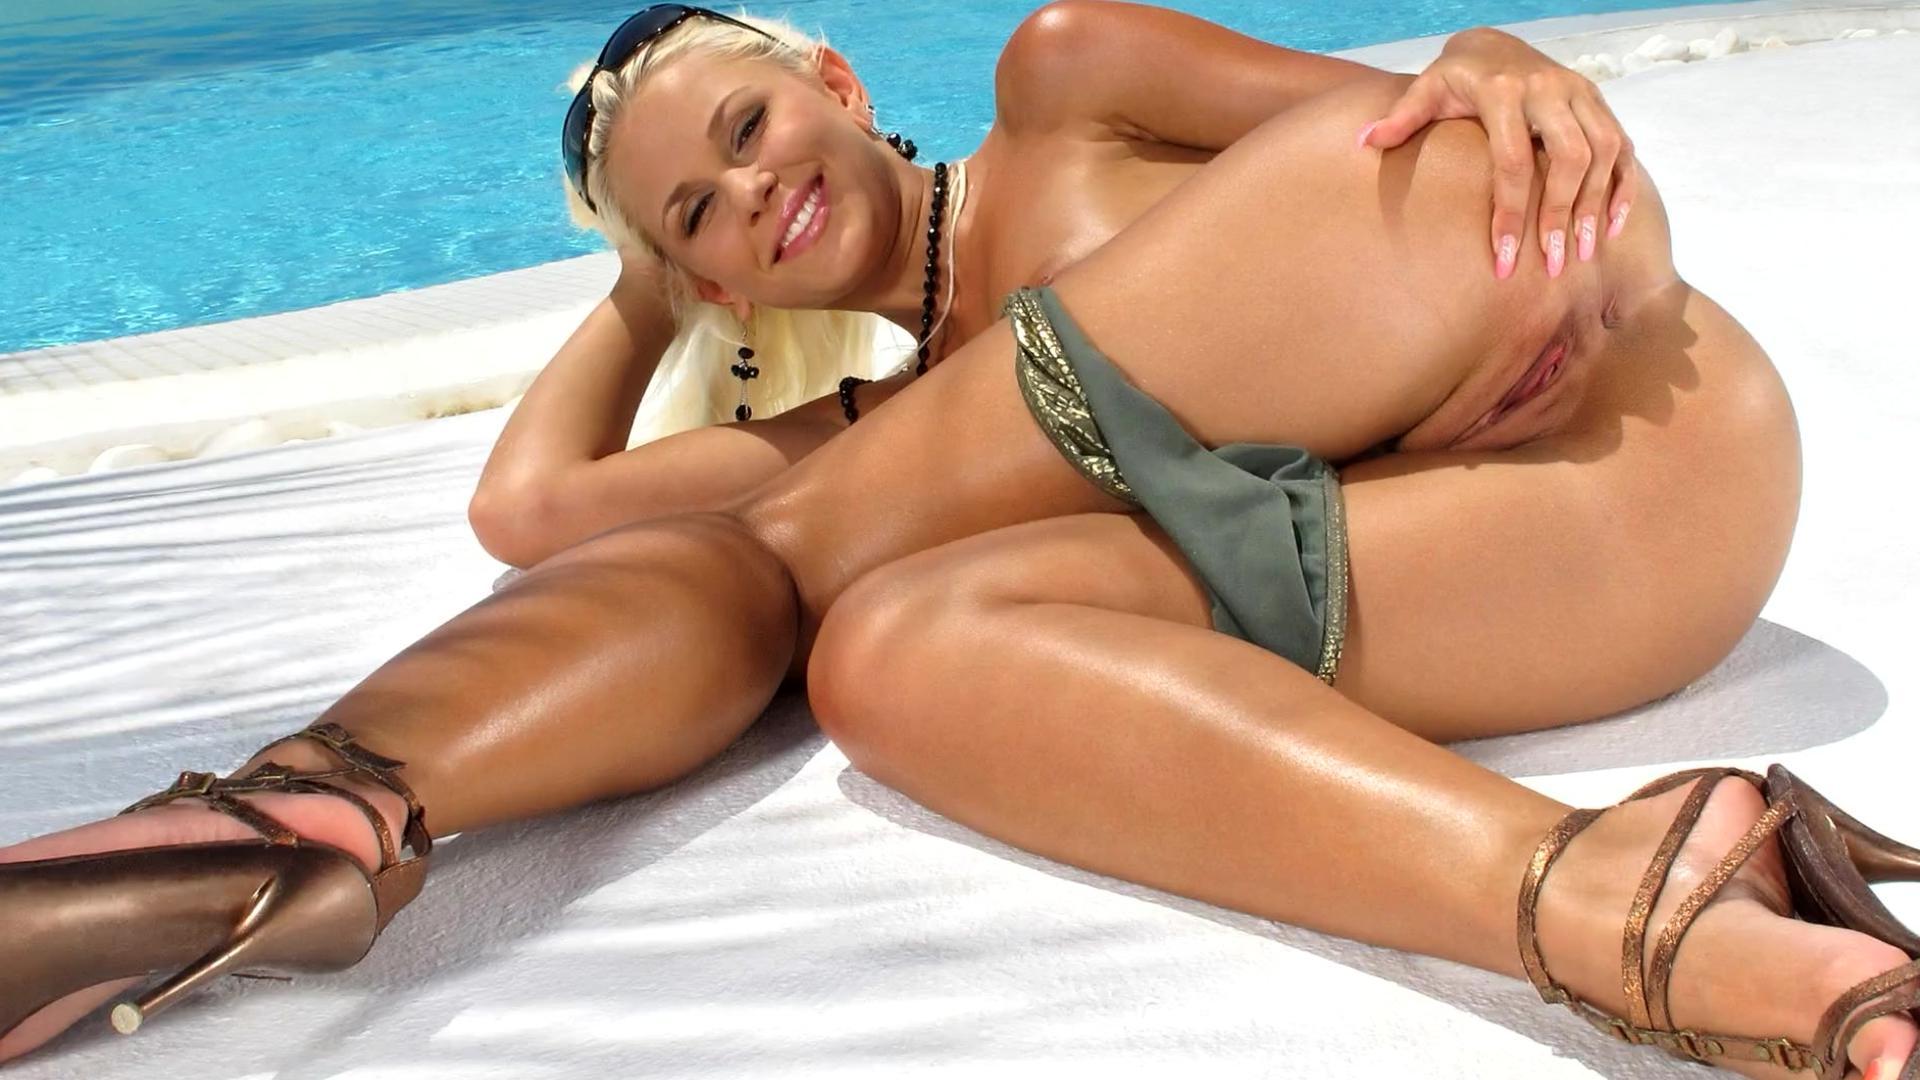 Порно видео смотреть онлайн две девушки и негры на пляже фото 708-734